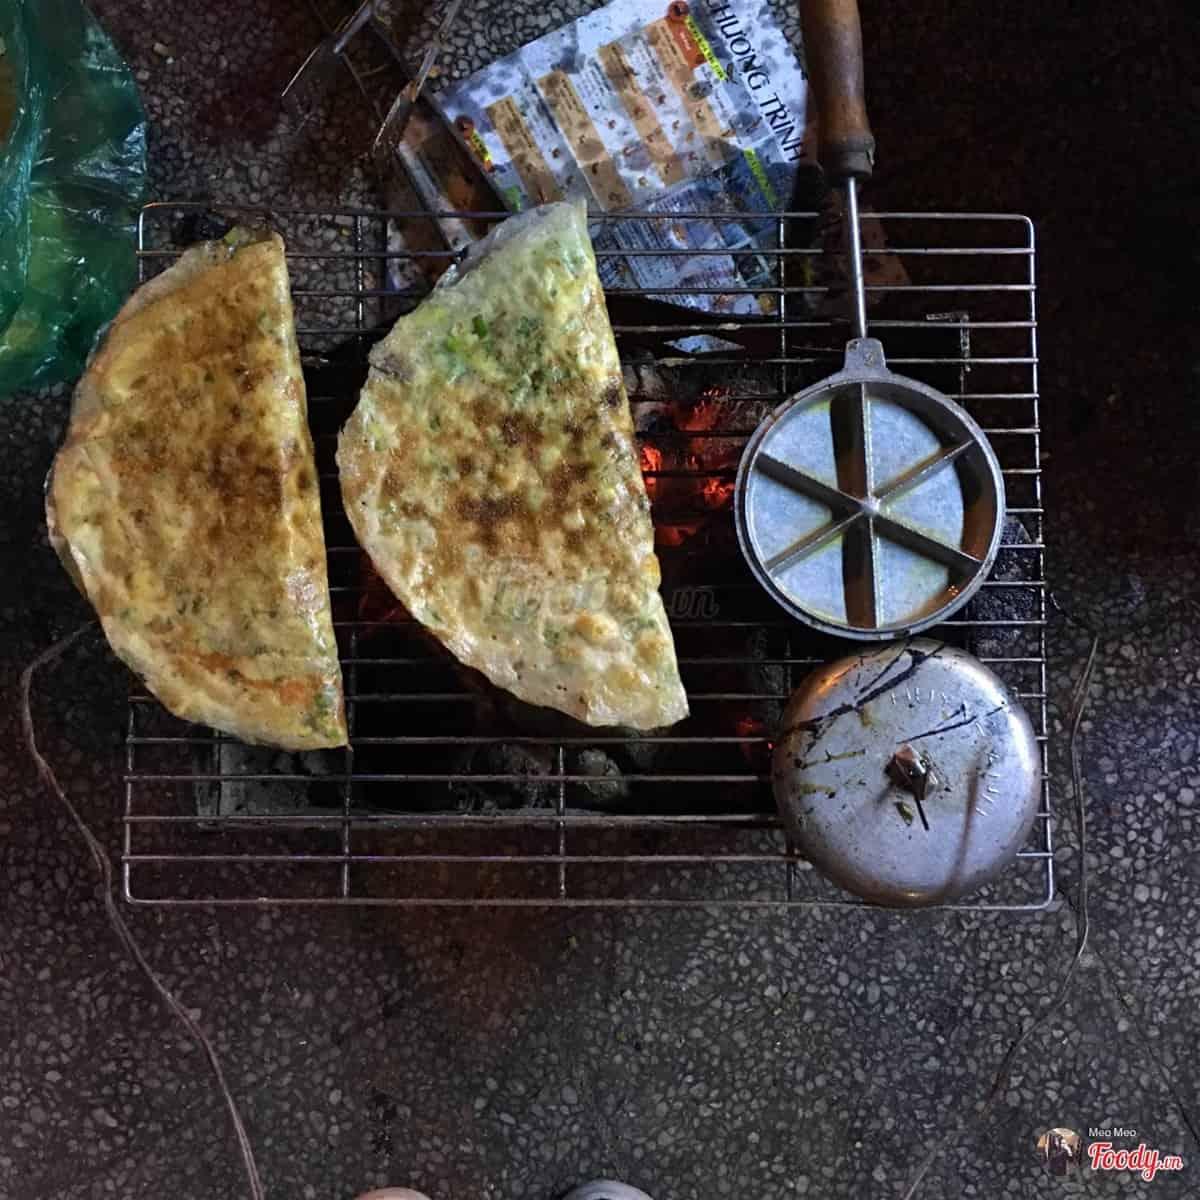 Bánh tráng nướng hồ con rùa thơm ngon nóng hổi không kém gì Đà Lạt đâu nhé. Ảnh: Foody.vn